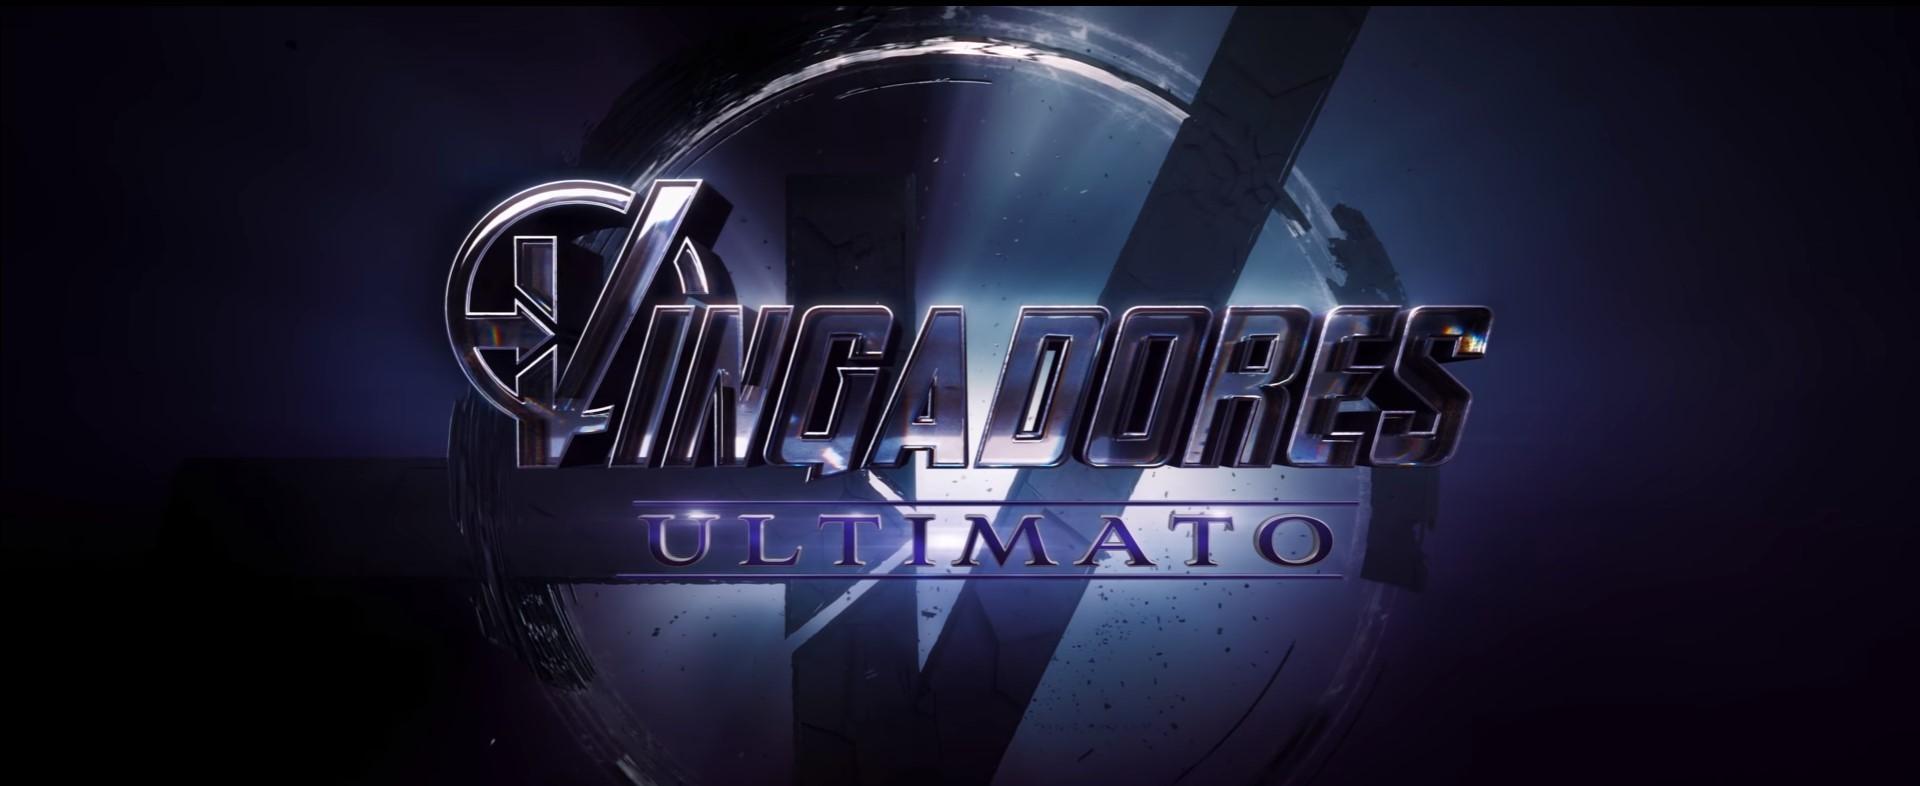 Vingadores:Ultimato chega aos cinemas no dia 25 de abril (Foto: Divulgação)